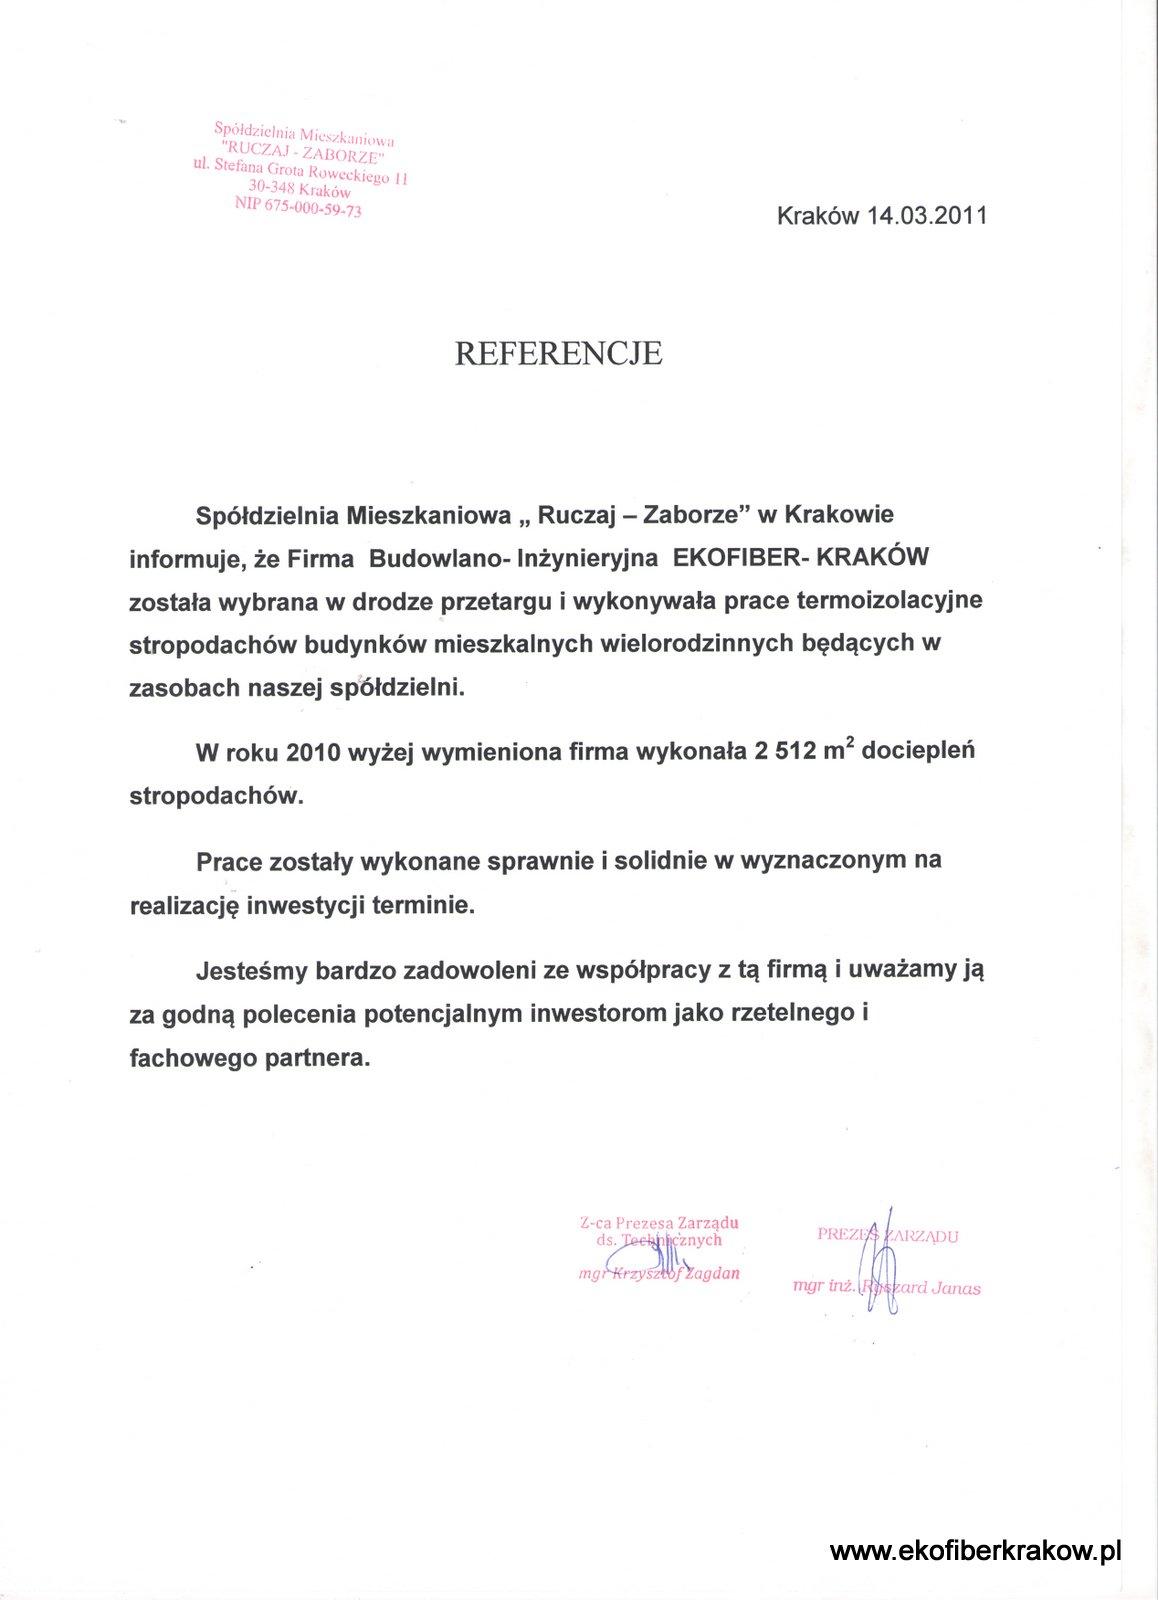 Referencje SM Ruczaj-Zaborze w Krakowie